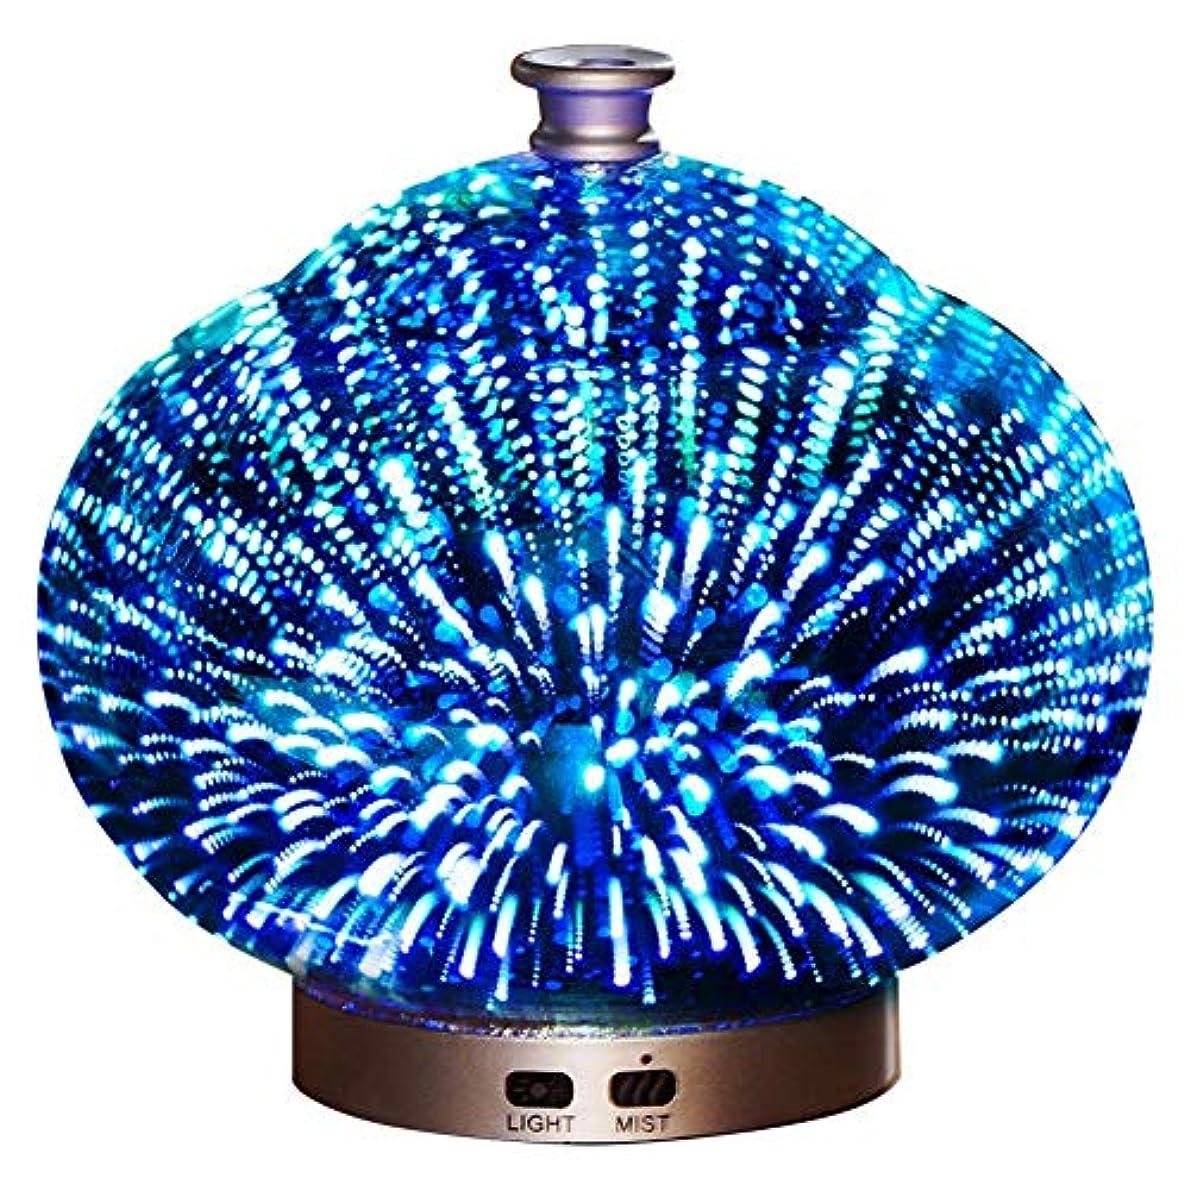 不承認事業振る舞い3 D ガラス 精油 ディフューザー, 超音波式 クールミスト アロマディフューザー ホーム ミュート 加湿機 の ベッド オフィス Yoga-a